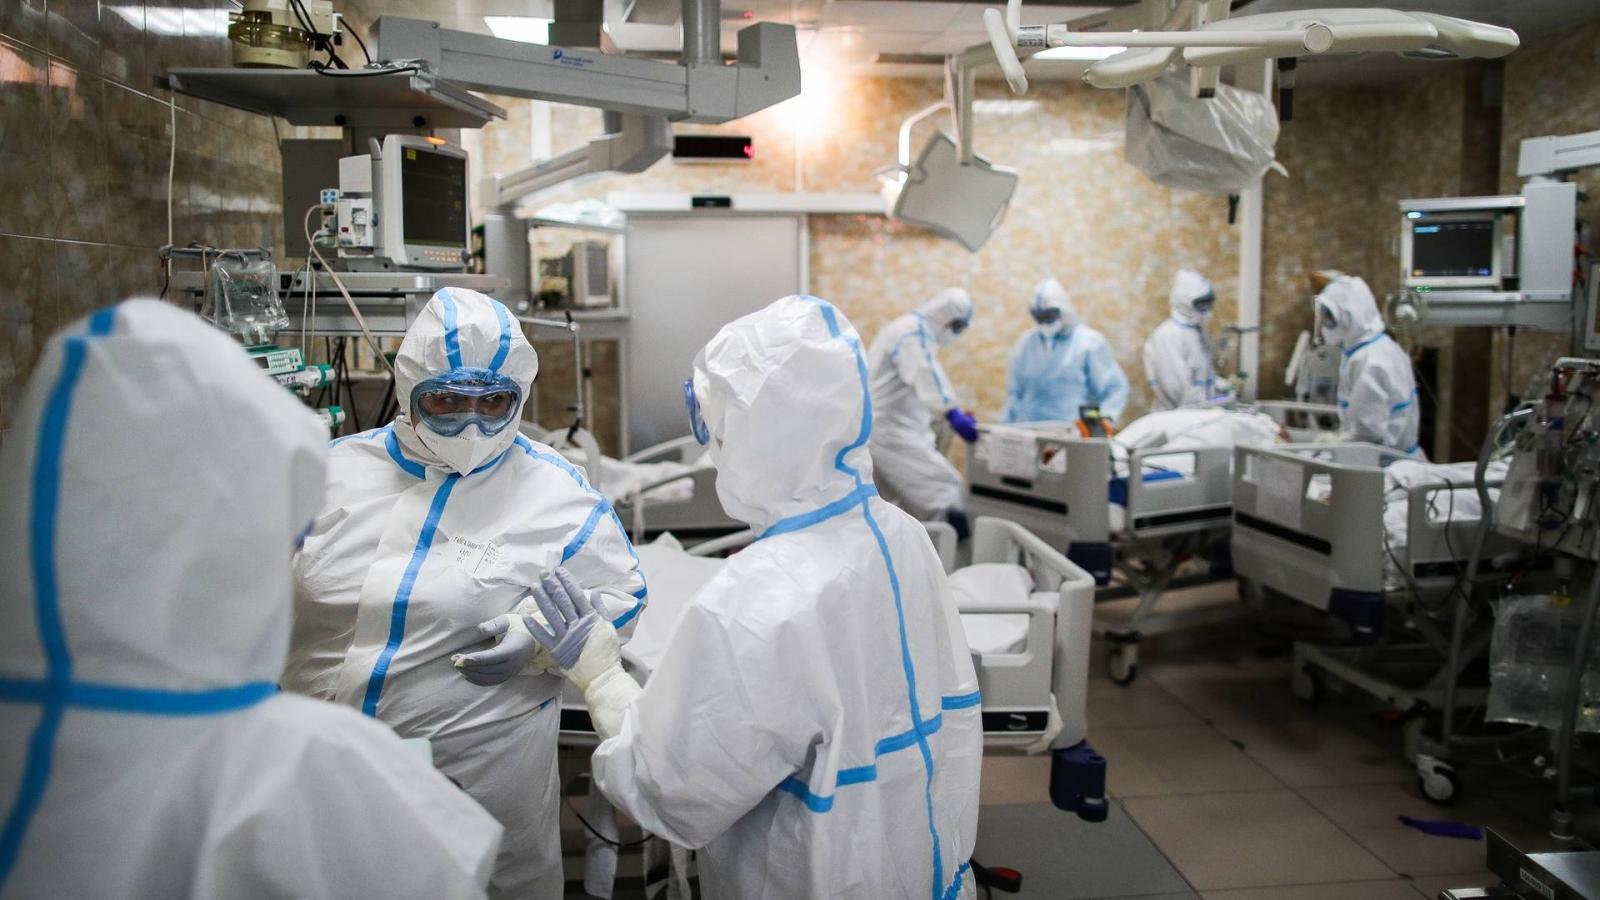 Nga ghi nhận hơn 12.000 ca nhiễm Covid-19 - kỷ lục mới kể từ đầu đại dịch